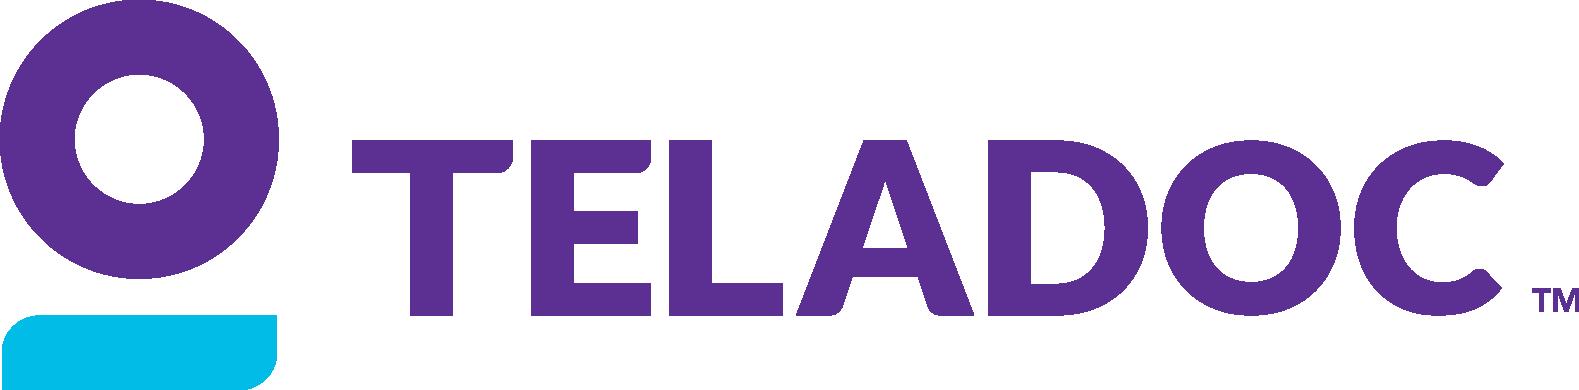 teladoc-logo-large.png